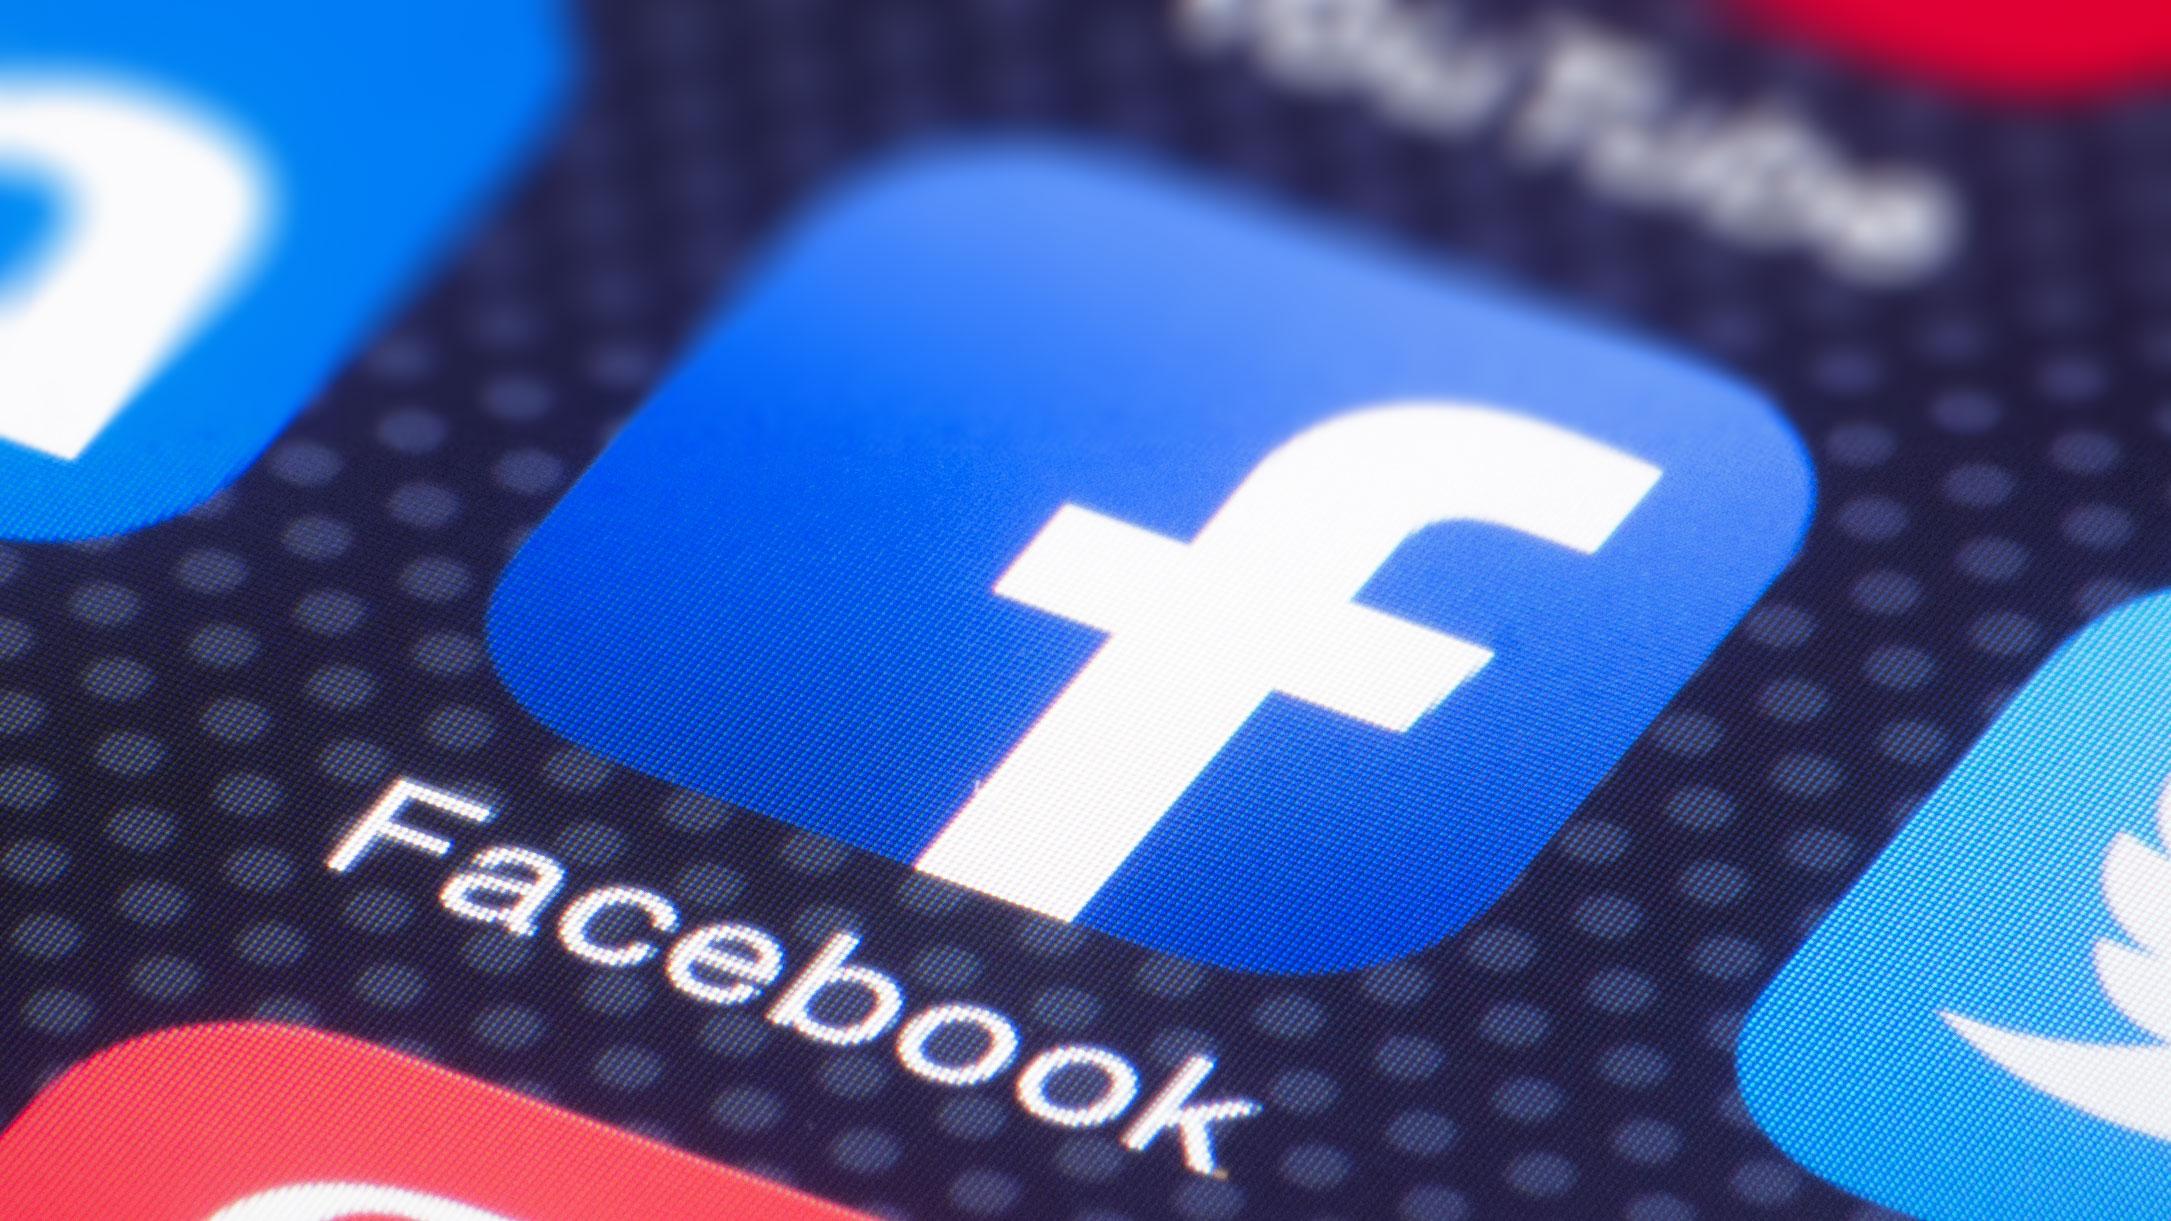 Facebook démantèle des réseaux impliqués dans des activités d'ingérence dans 7 pays d'Afrique